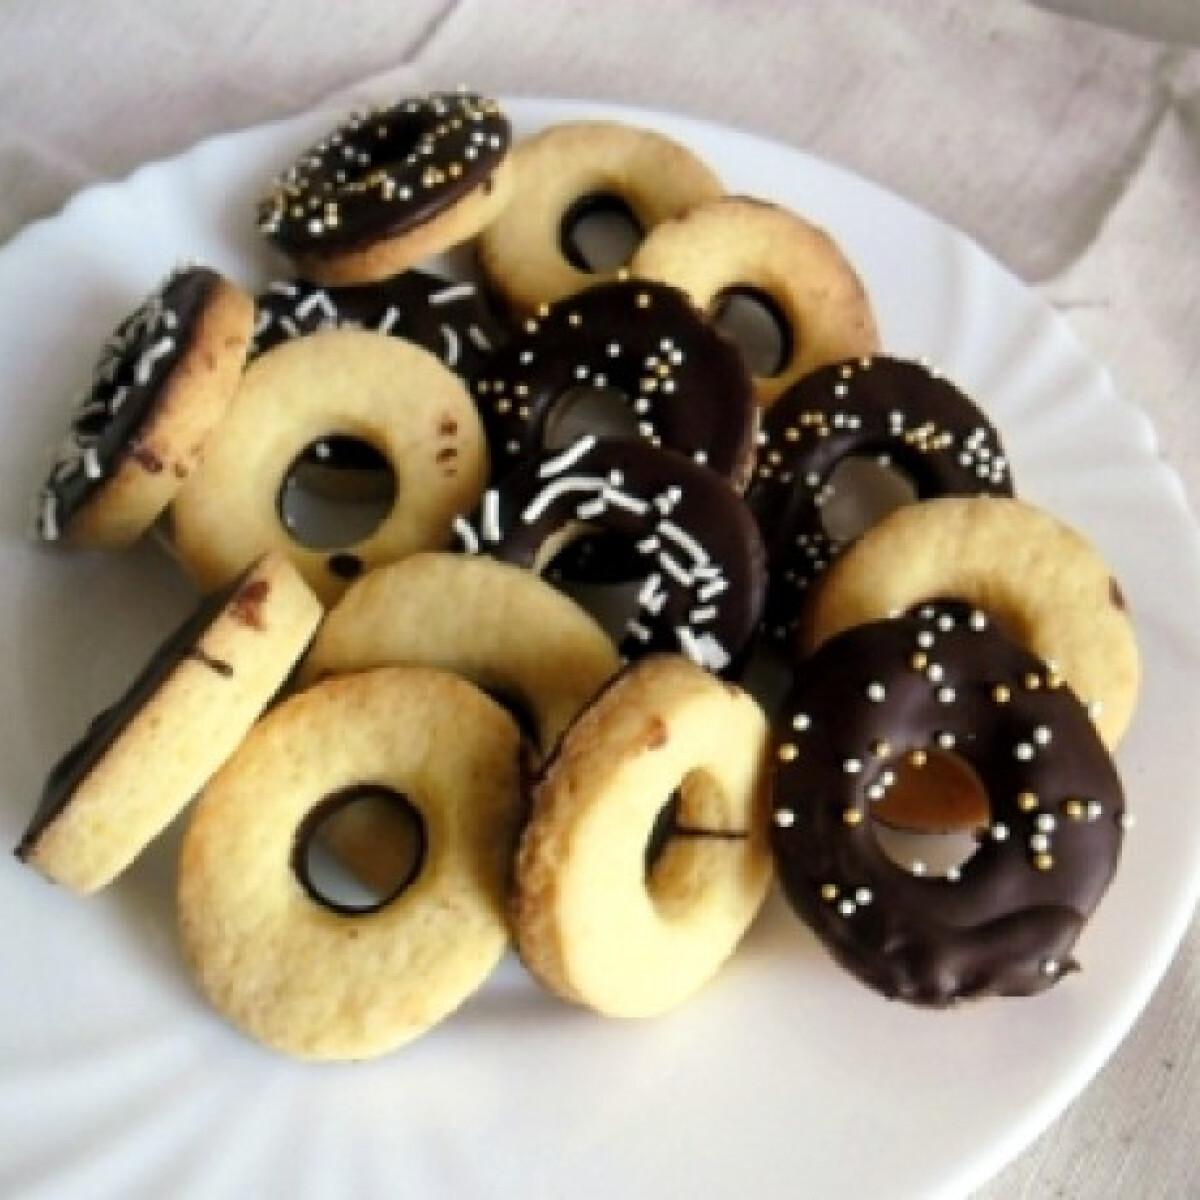 Ezen a képen: Vaníliás karika Niki konyhájából